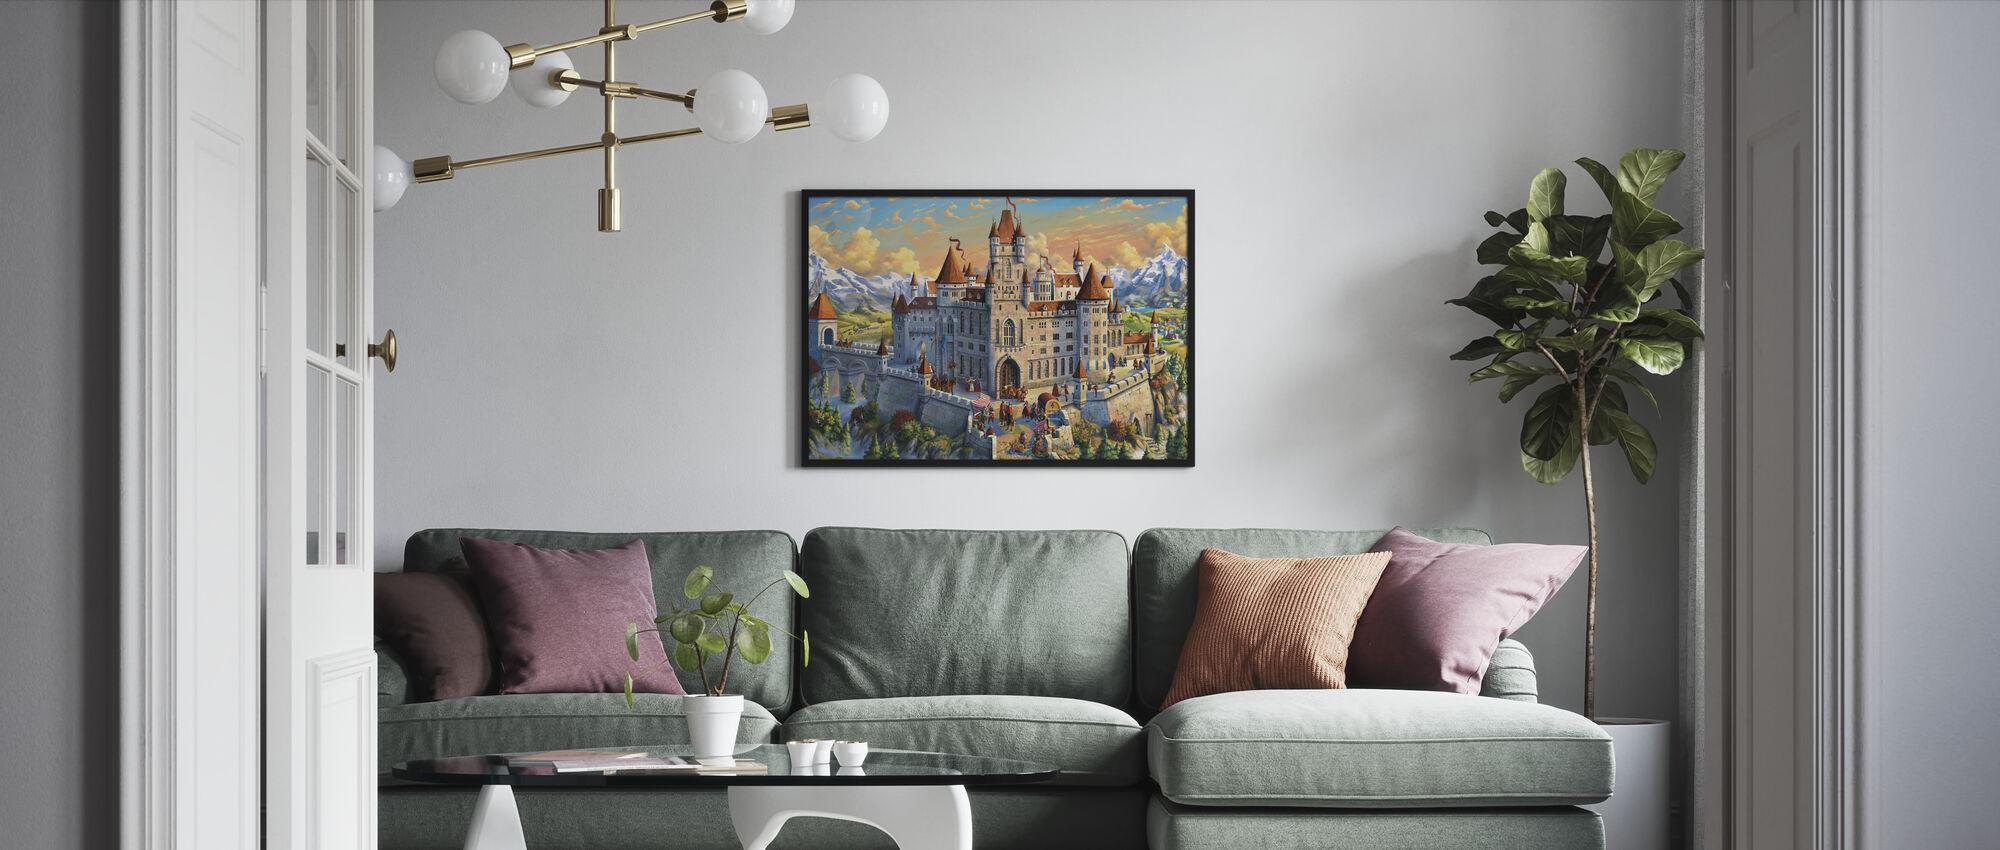 Magnificant Castle - Framed print - Living Room